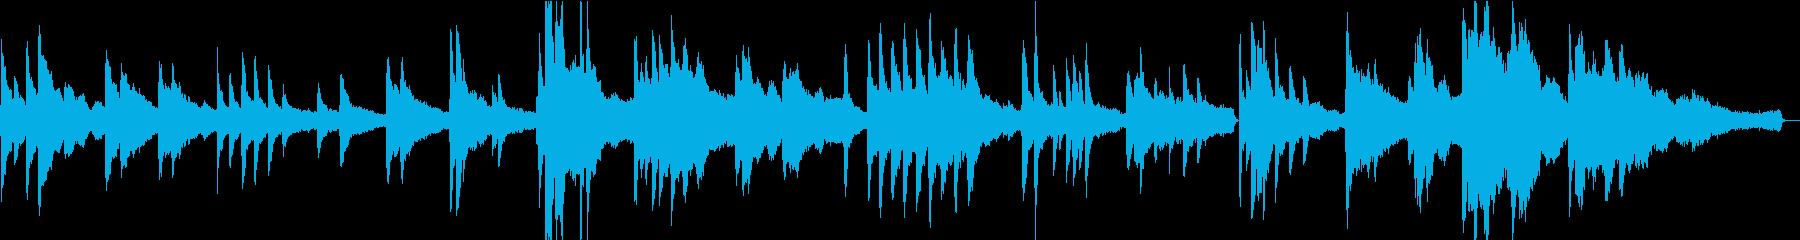 ヒーリングピアノ組曲 まどろみ 3の再生済みの波形